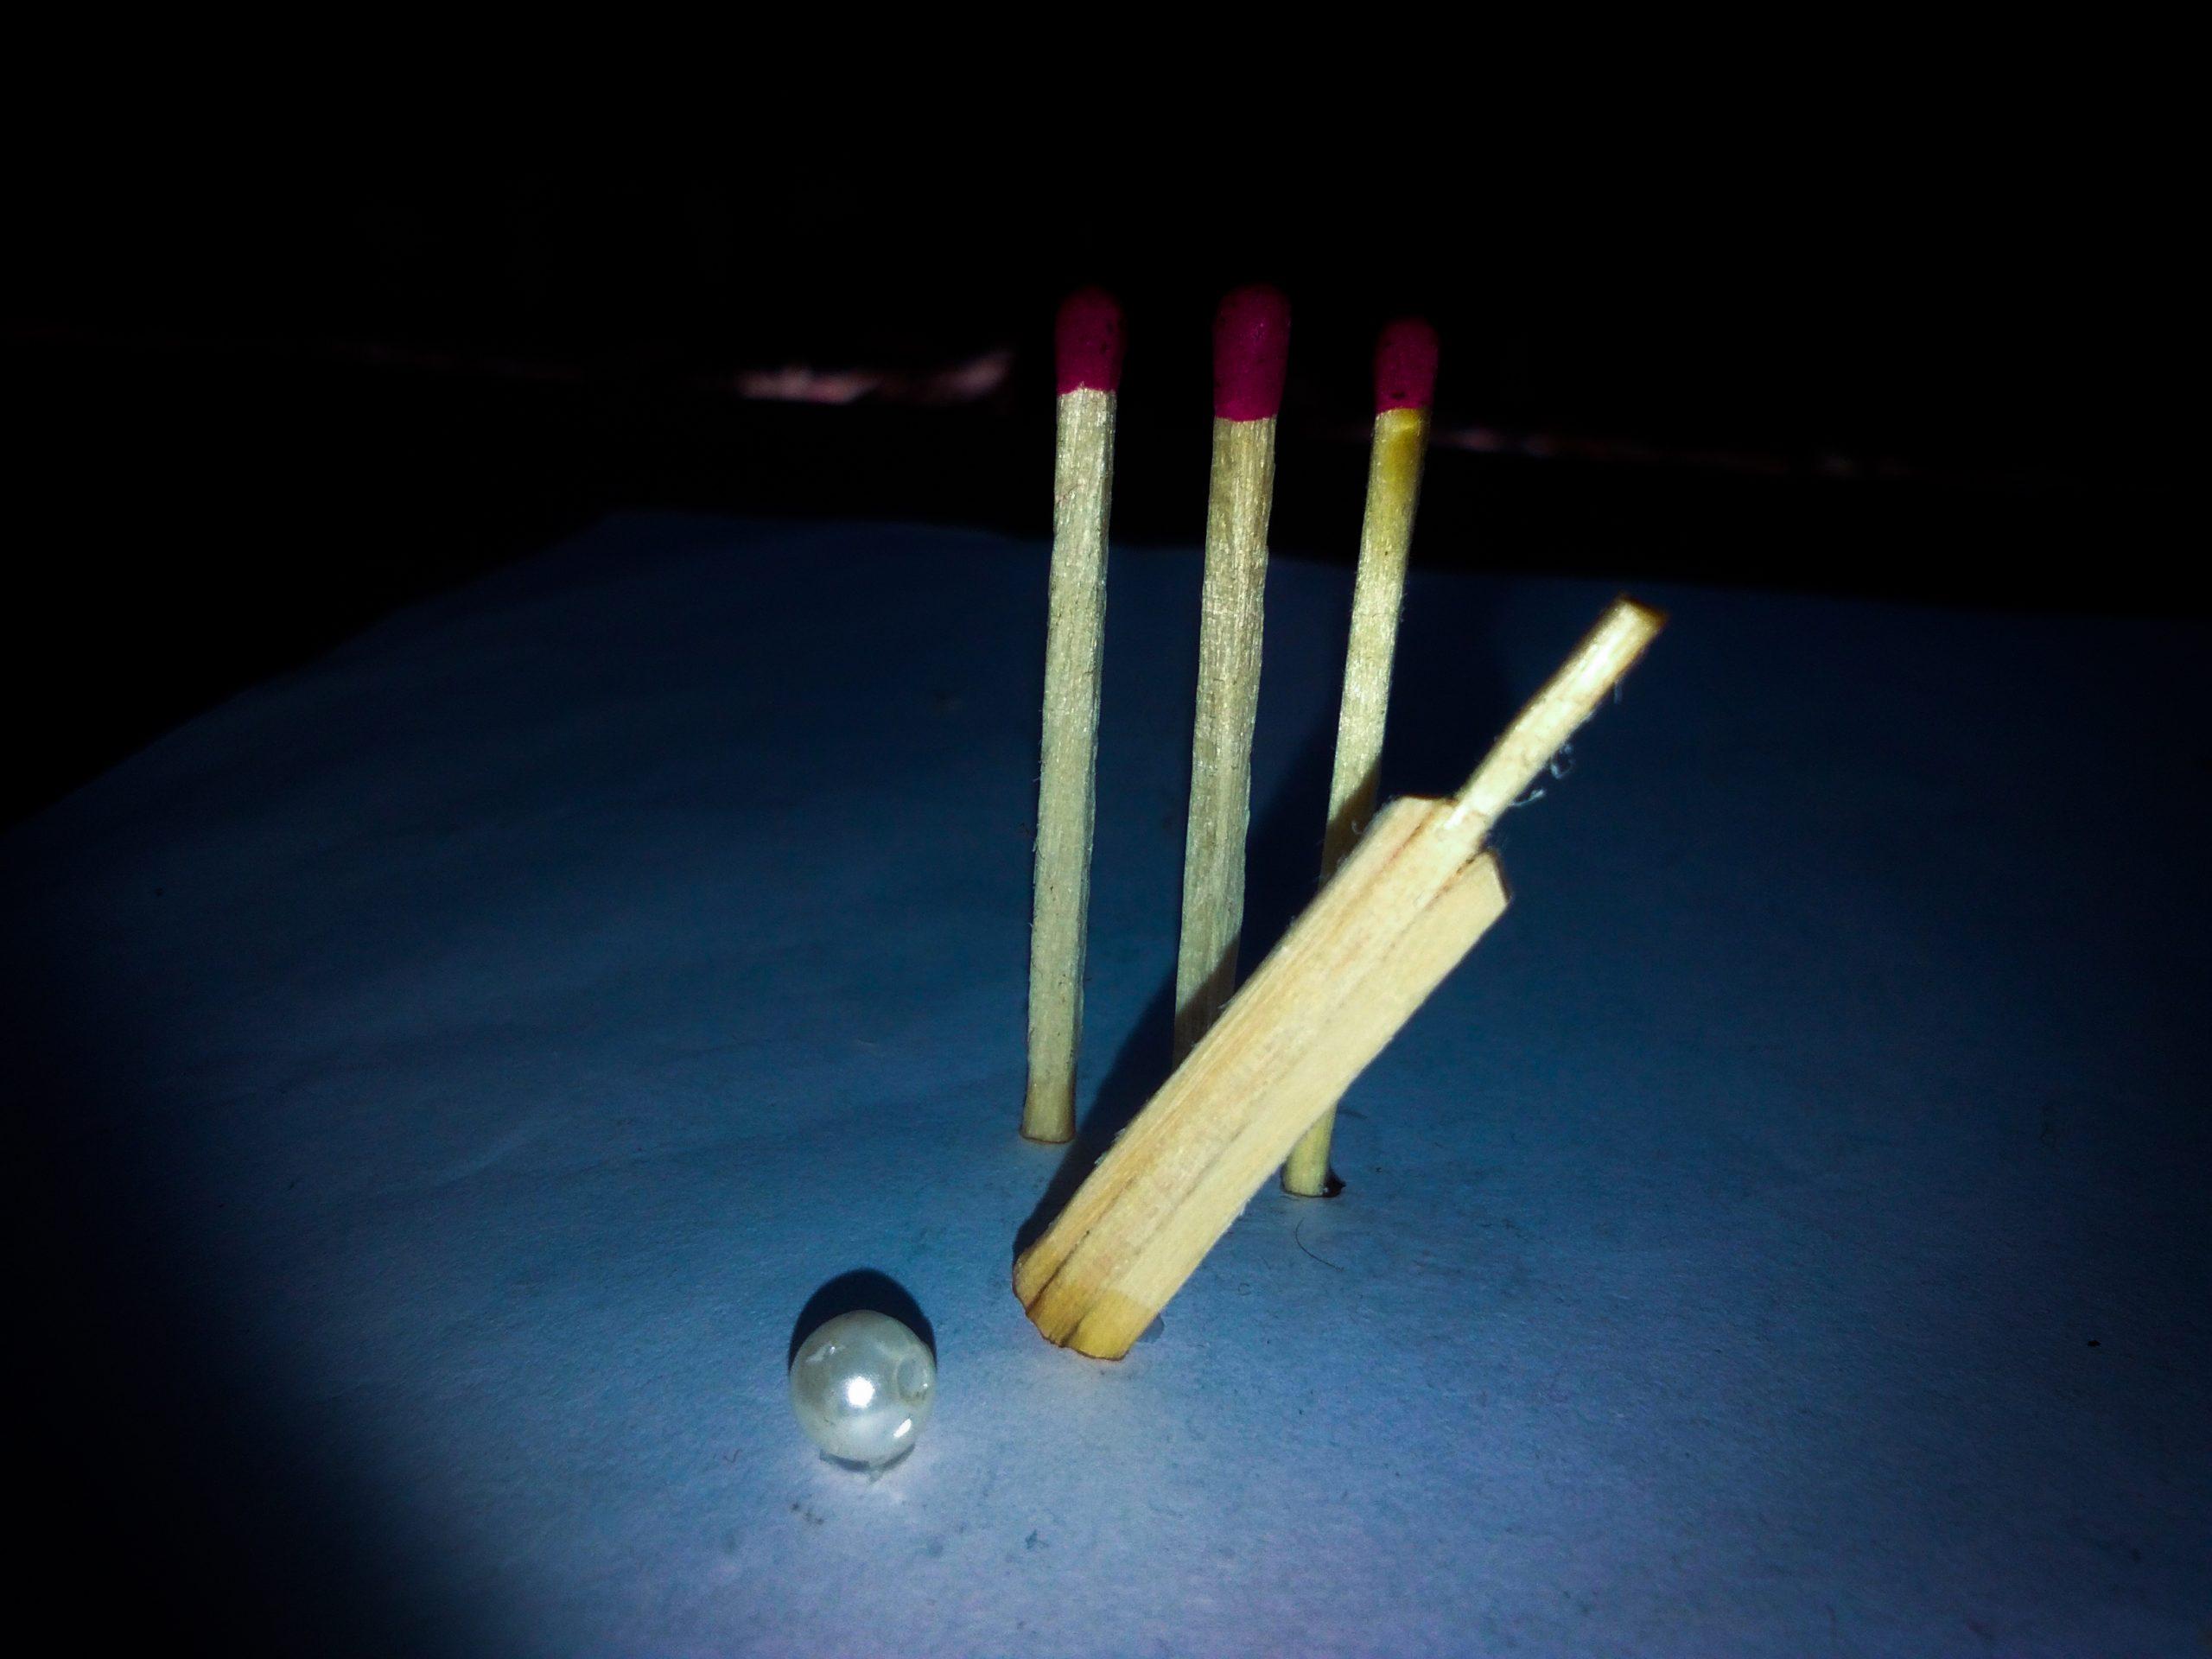 Handmade cricket bat and wickets